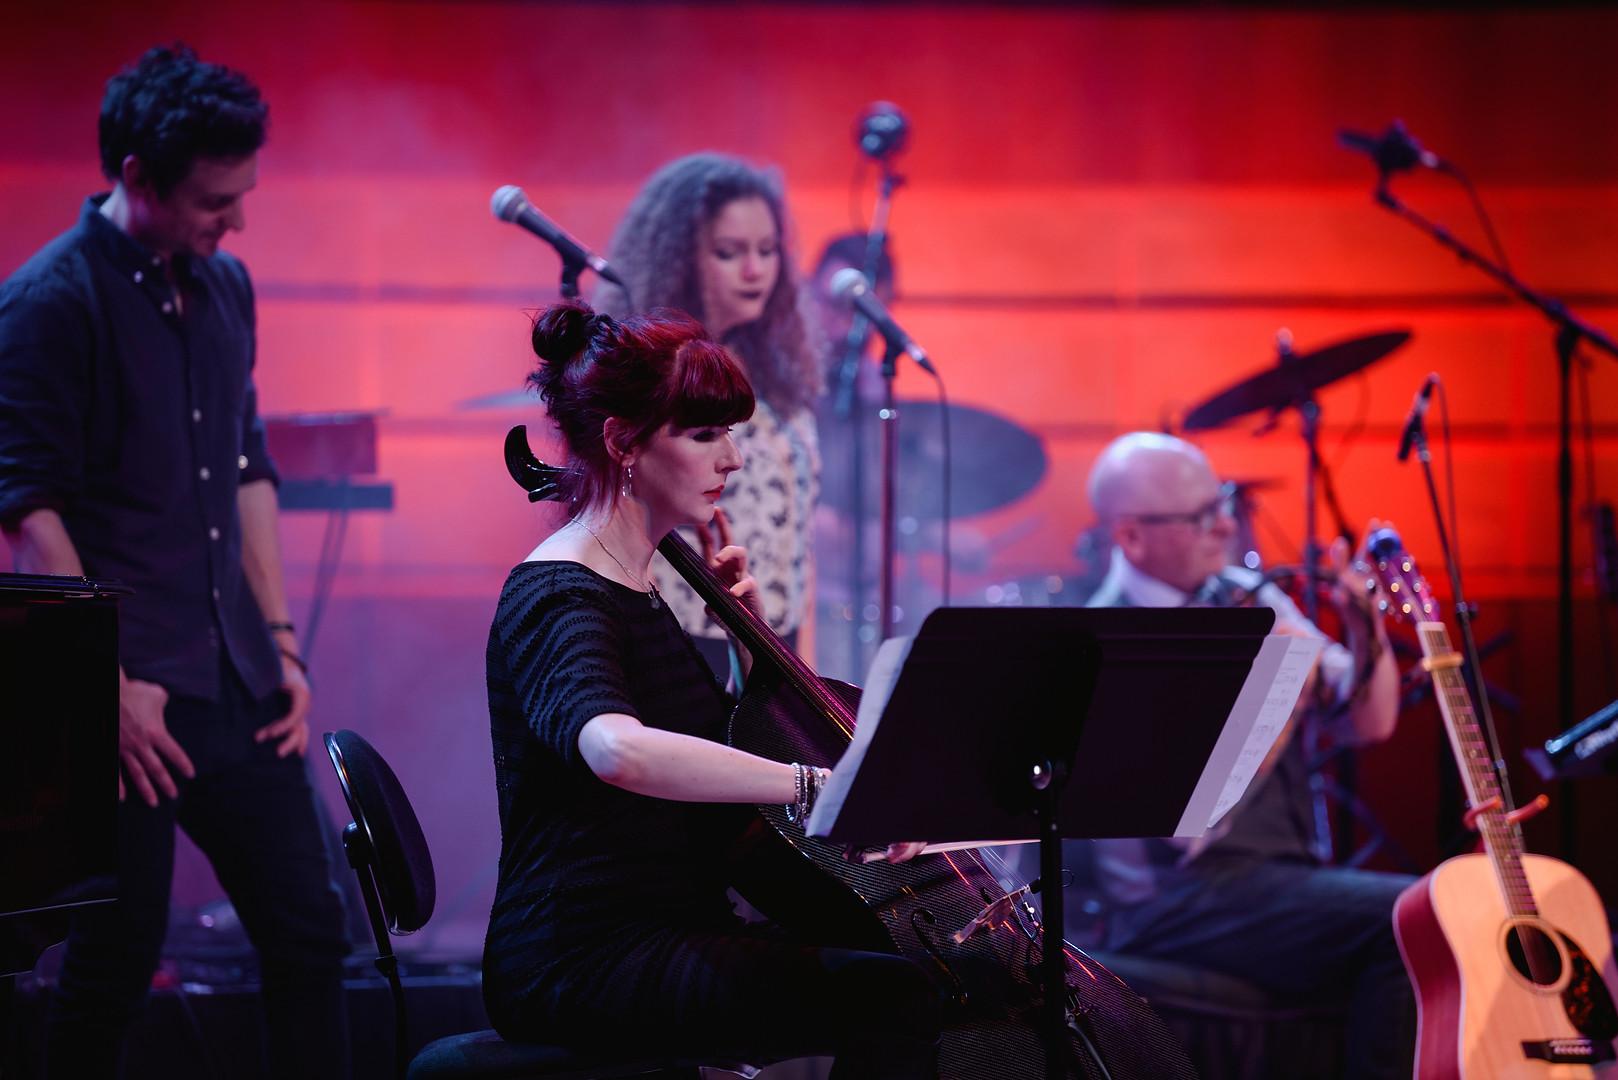 Concert - Martin CELLO1 - Winspear 2017